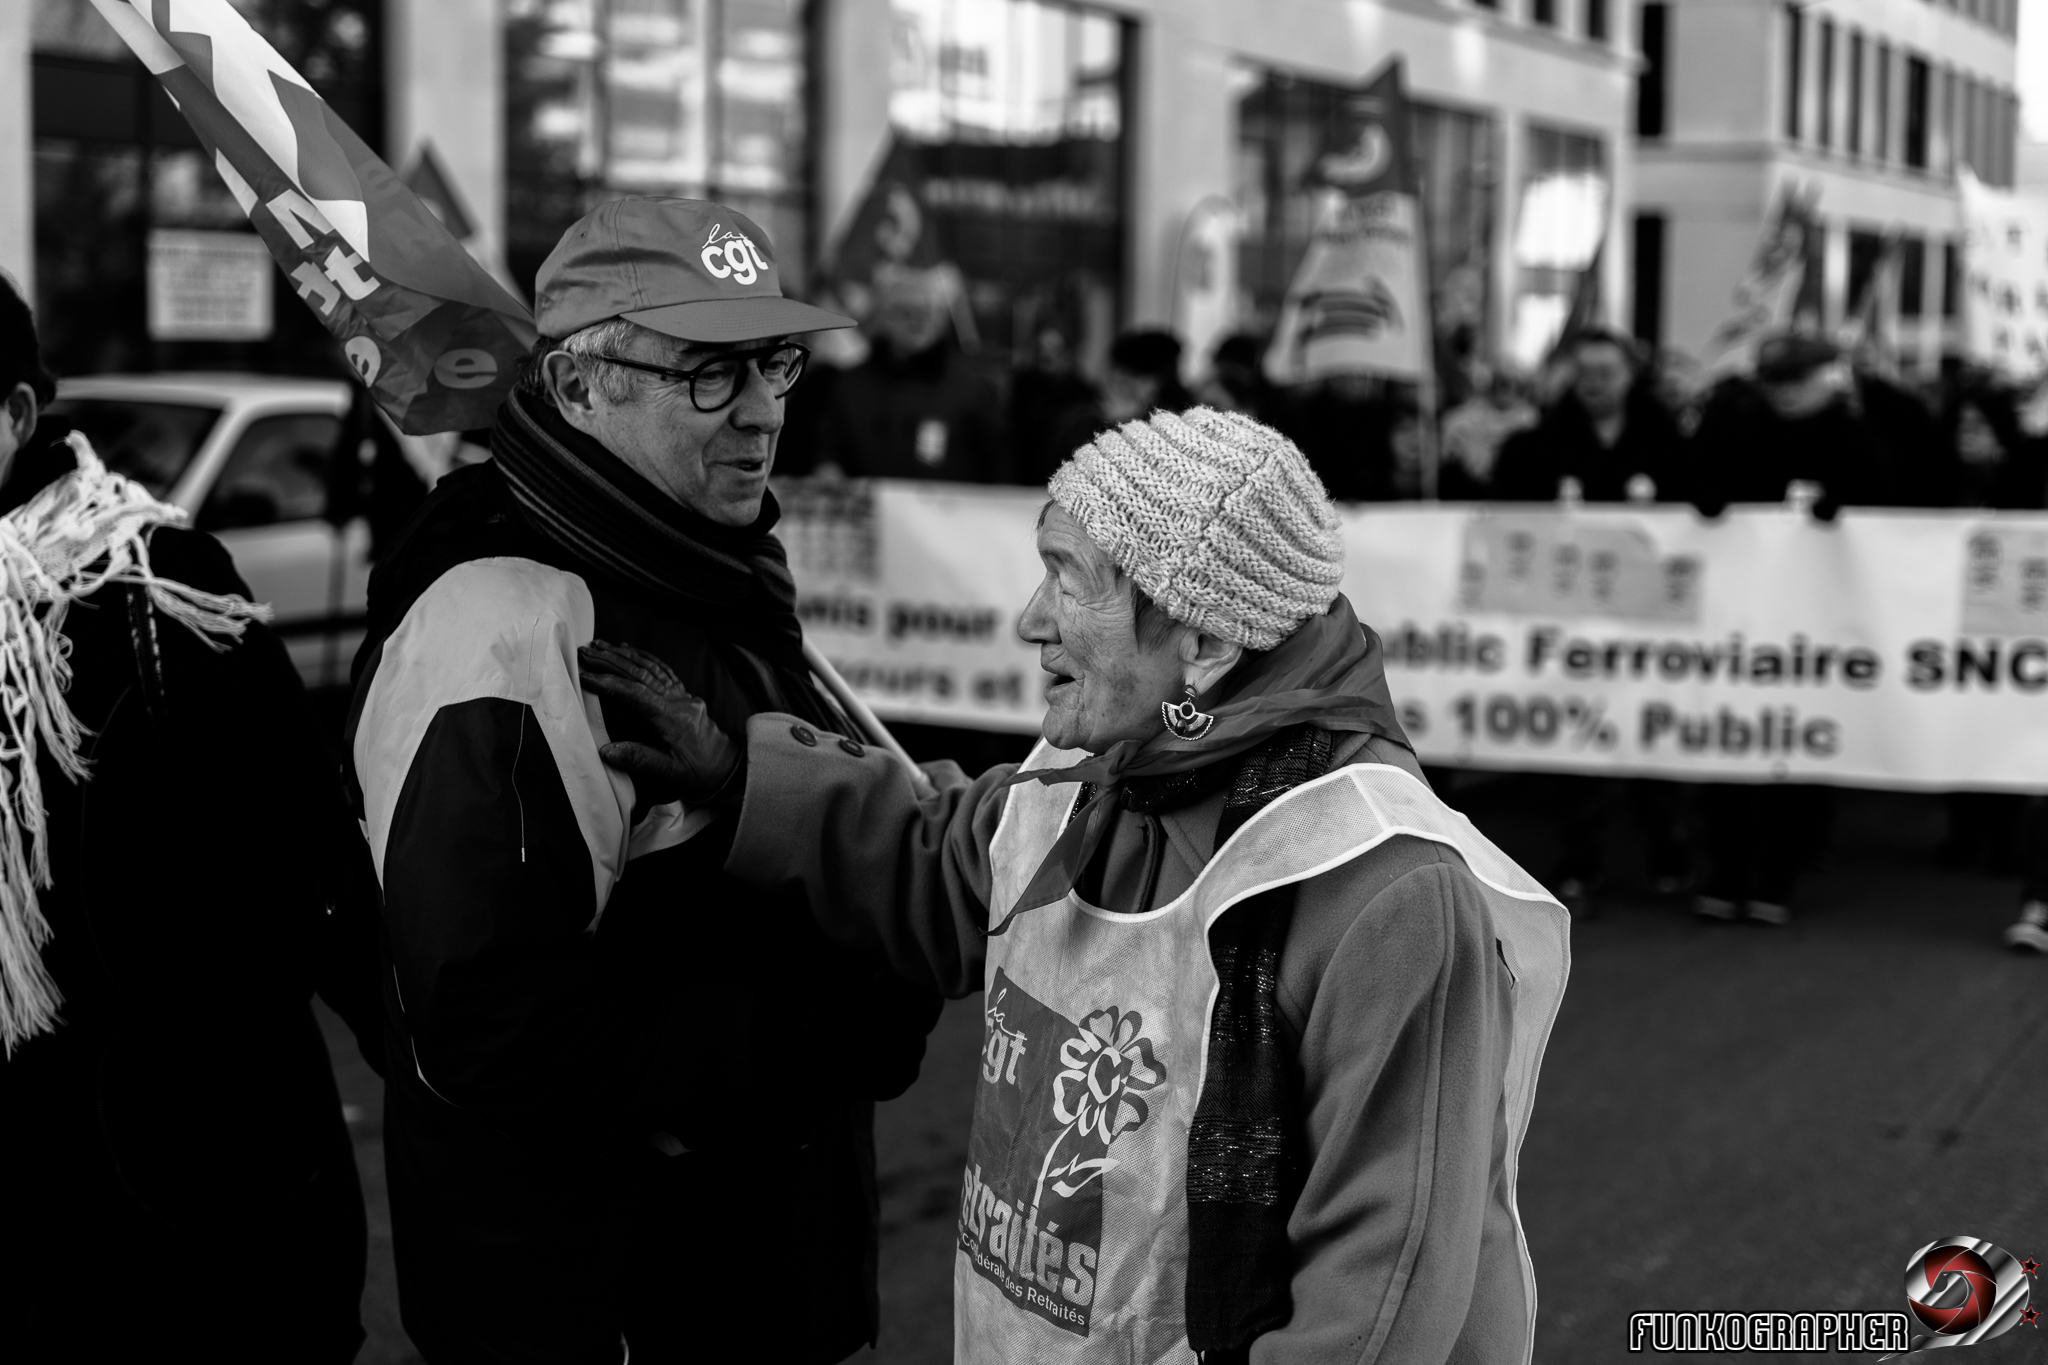 manifestation, grève générale, CGT, FO, gilets jaunes, nancy, 5 fevrier 2019, lorraine, évèenement, manifestation